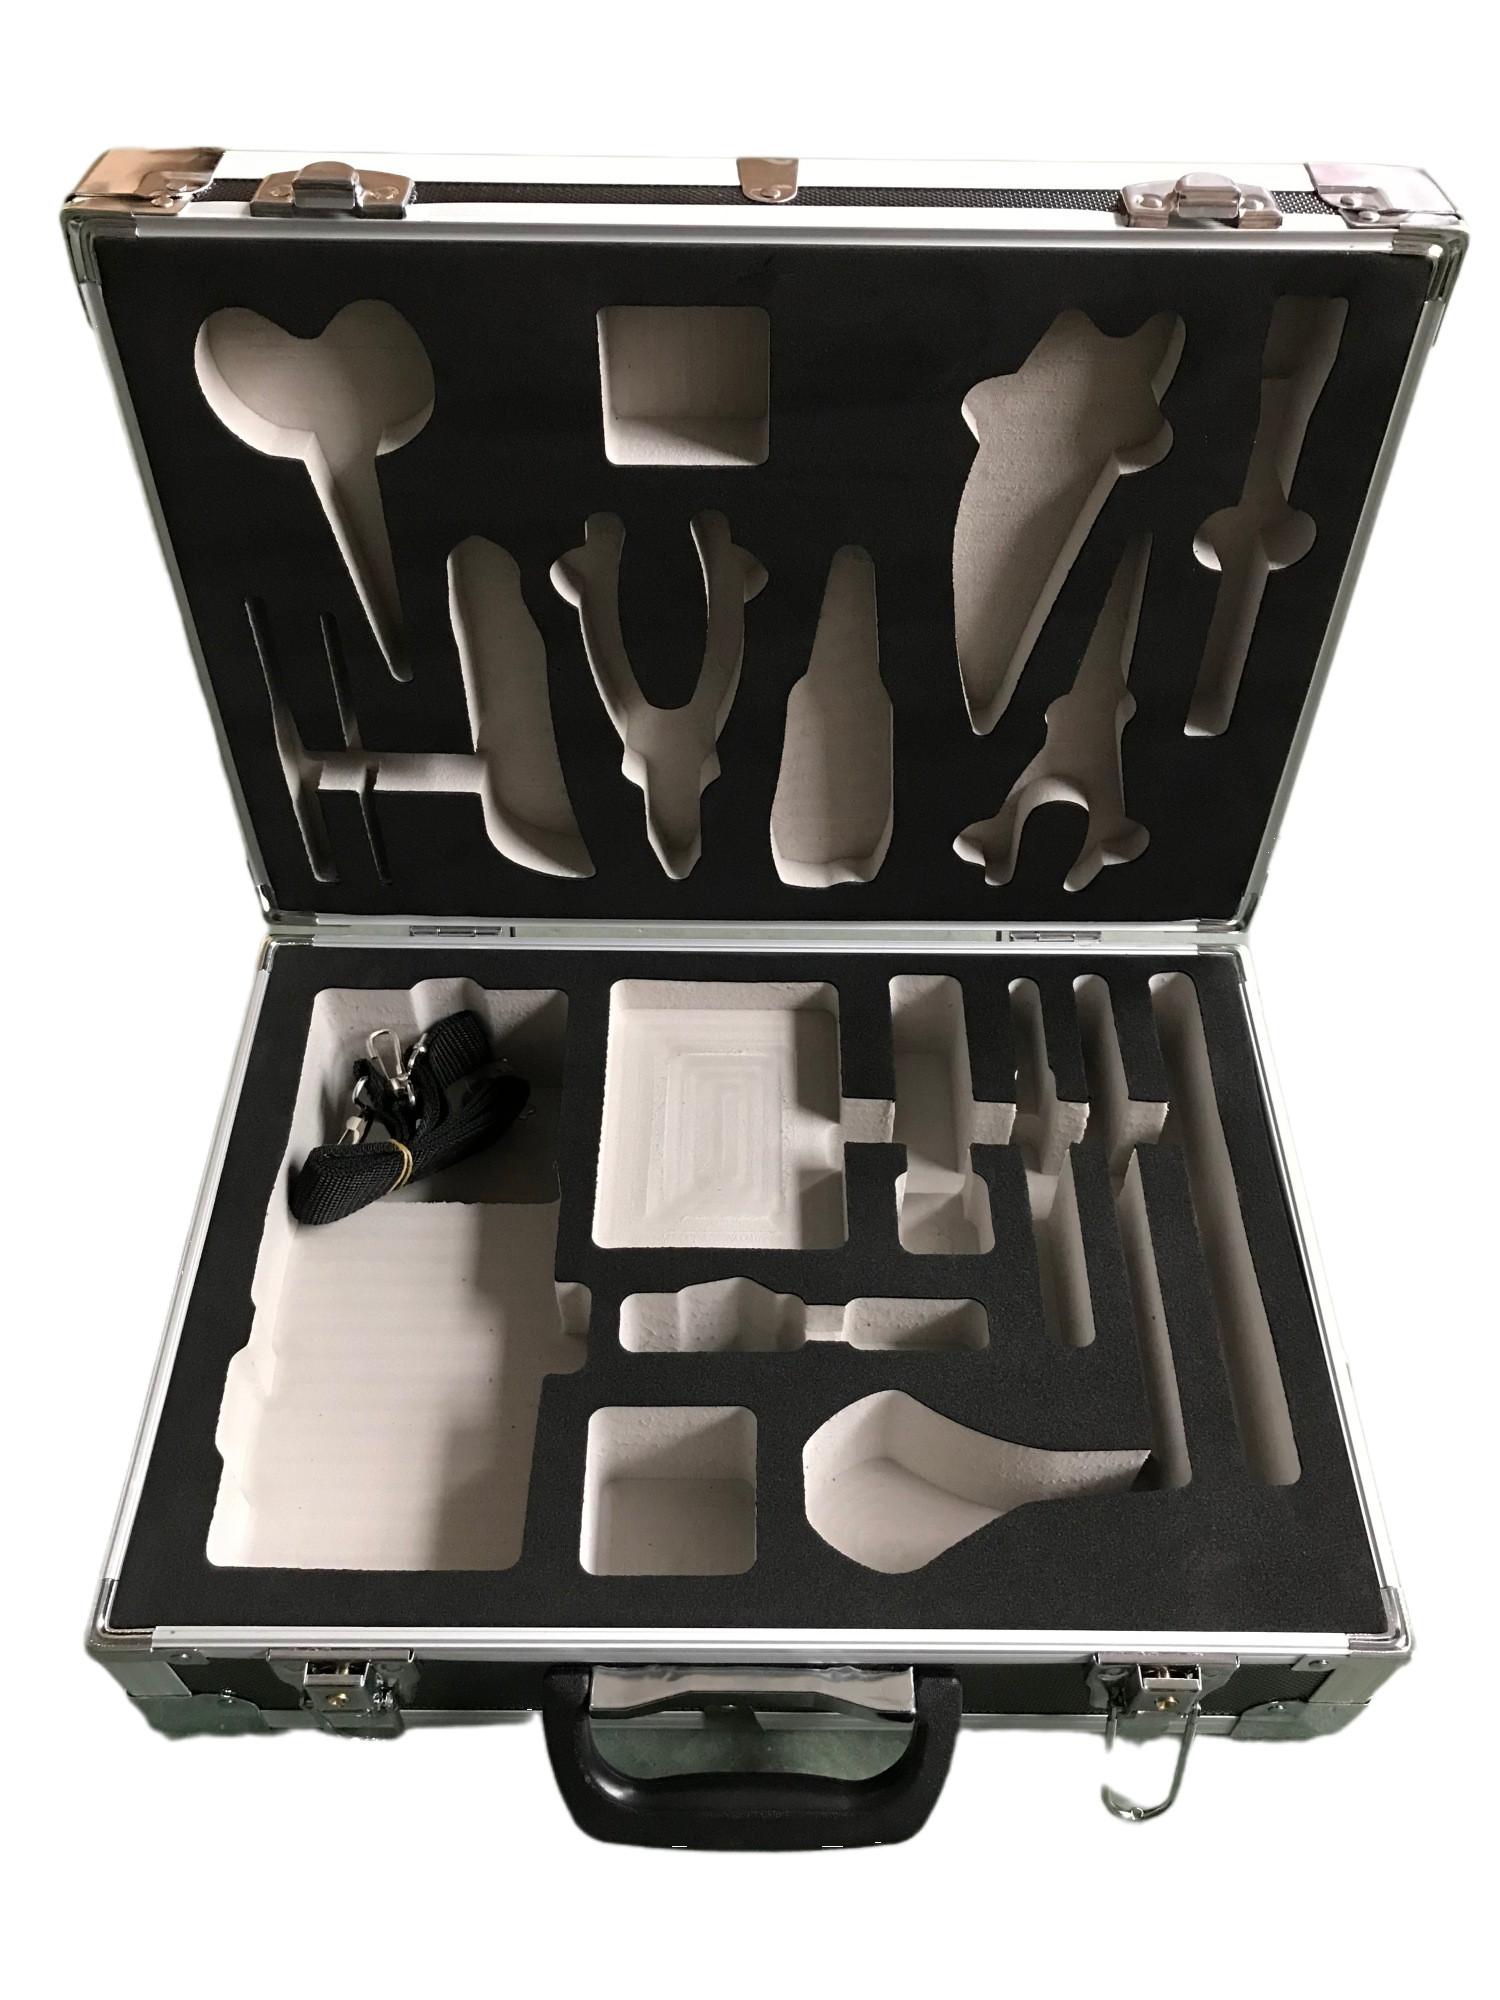 工具类铝箱